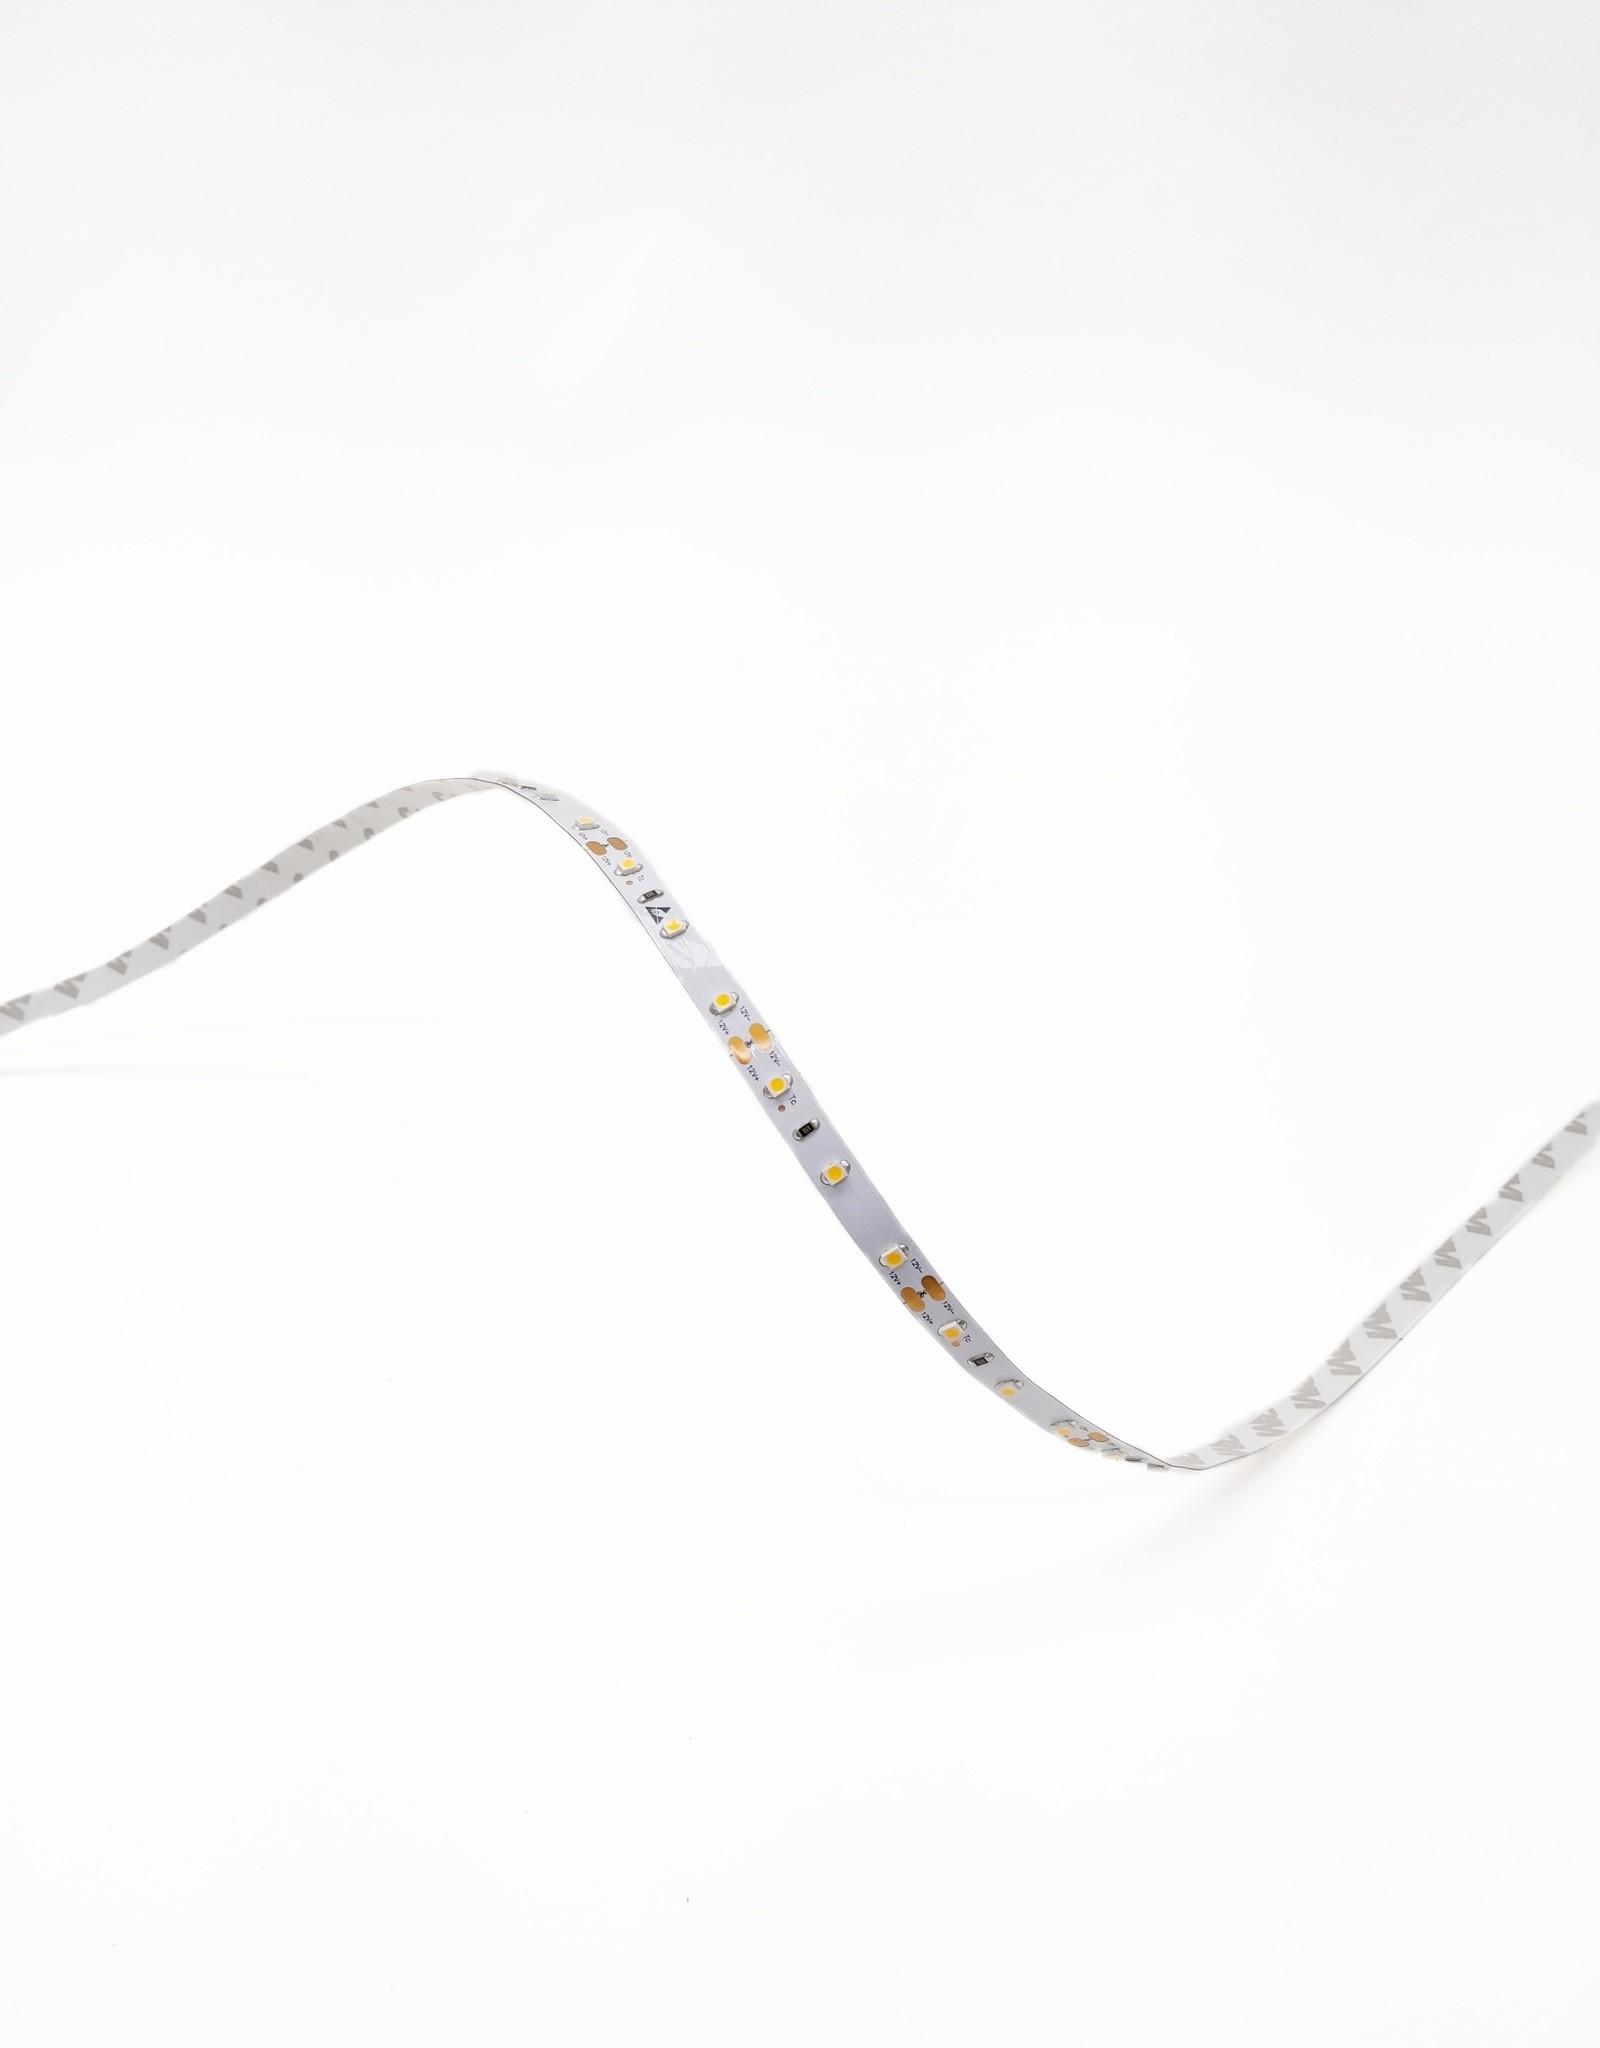 LedLed Varo led strip | 5m | 2700k | 12V | 4,8W/m | 8mm